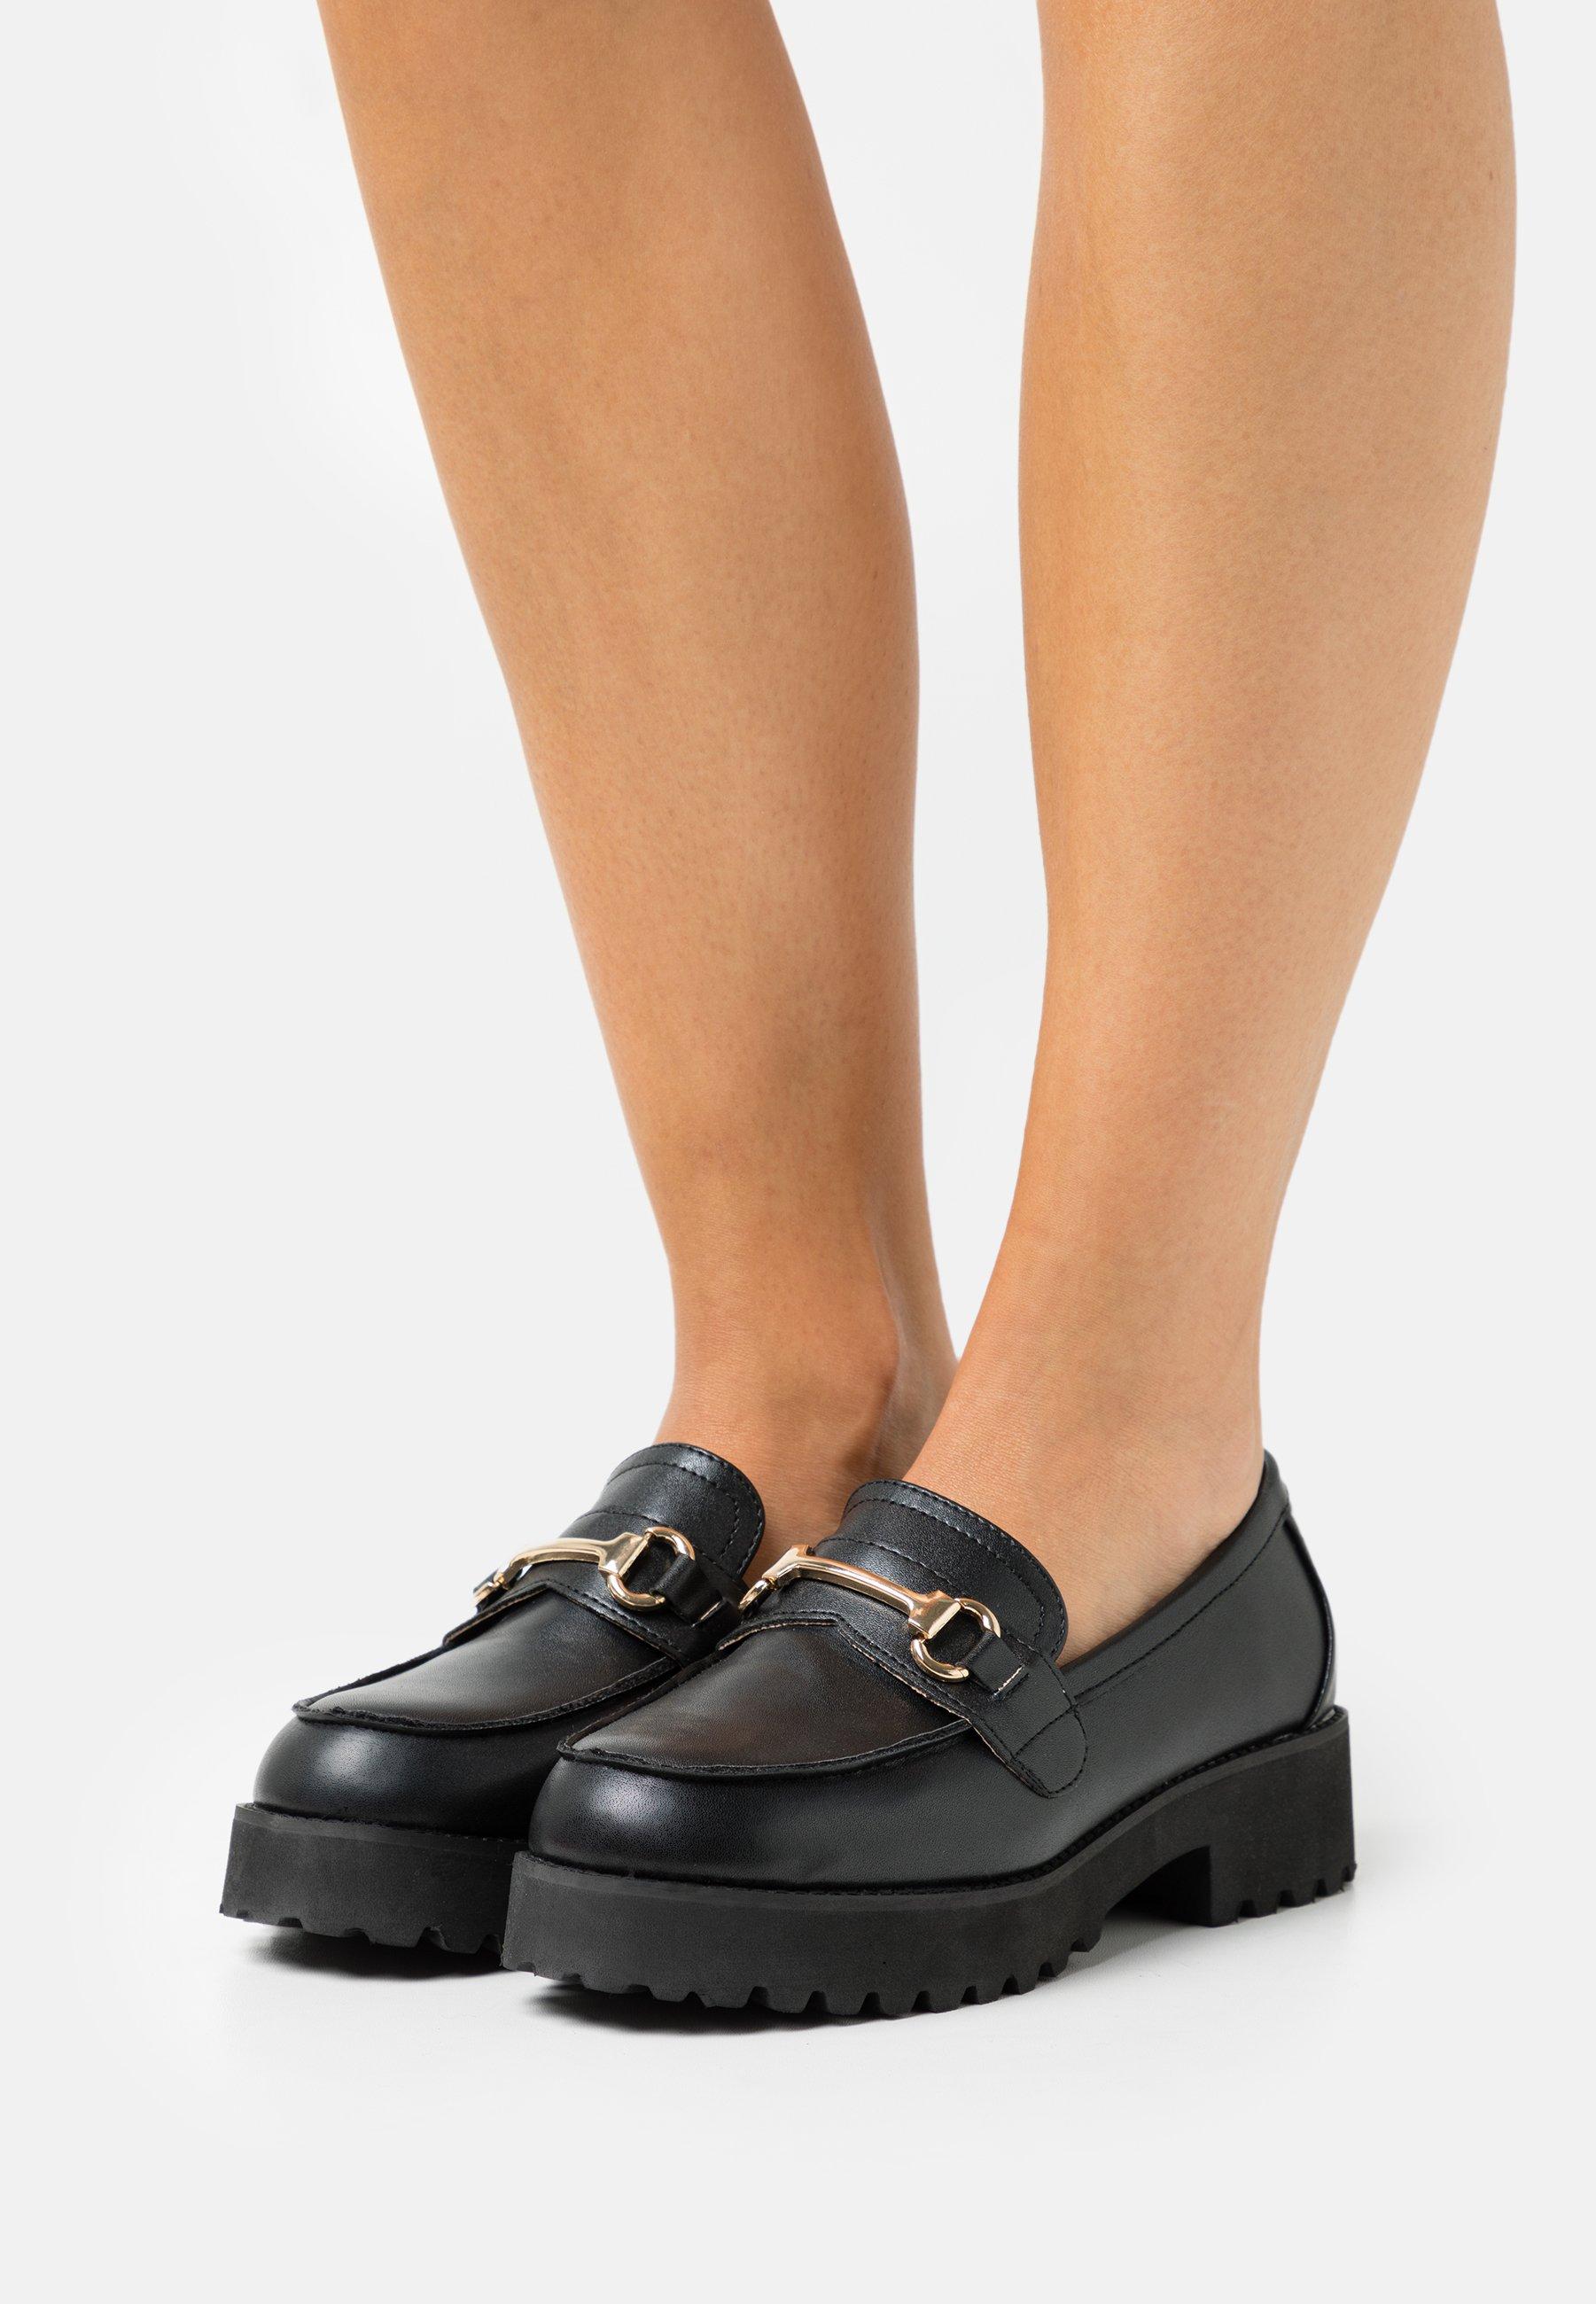 Donna WIDE FIT CHASE - Scarpe senza lacci